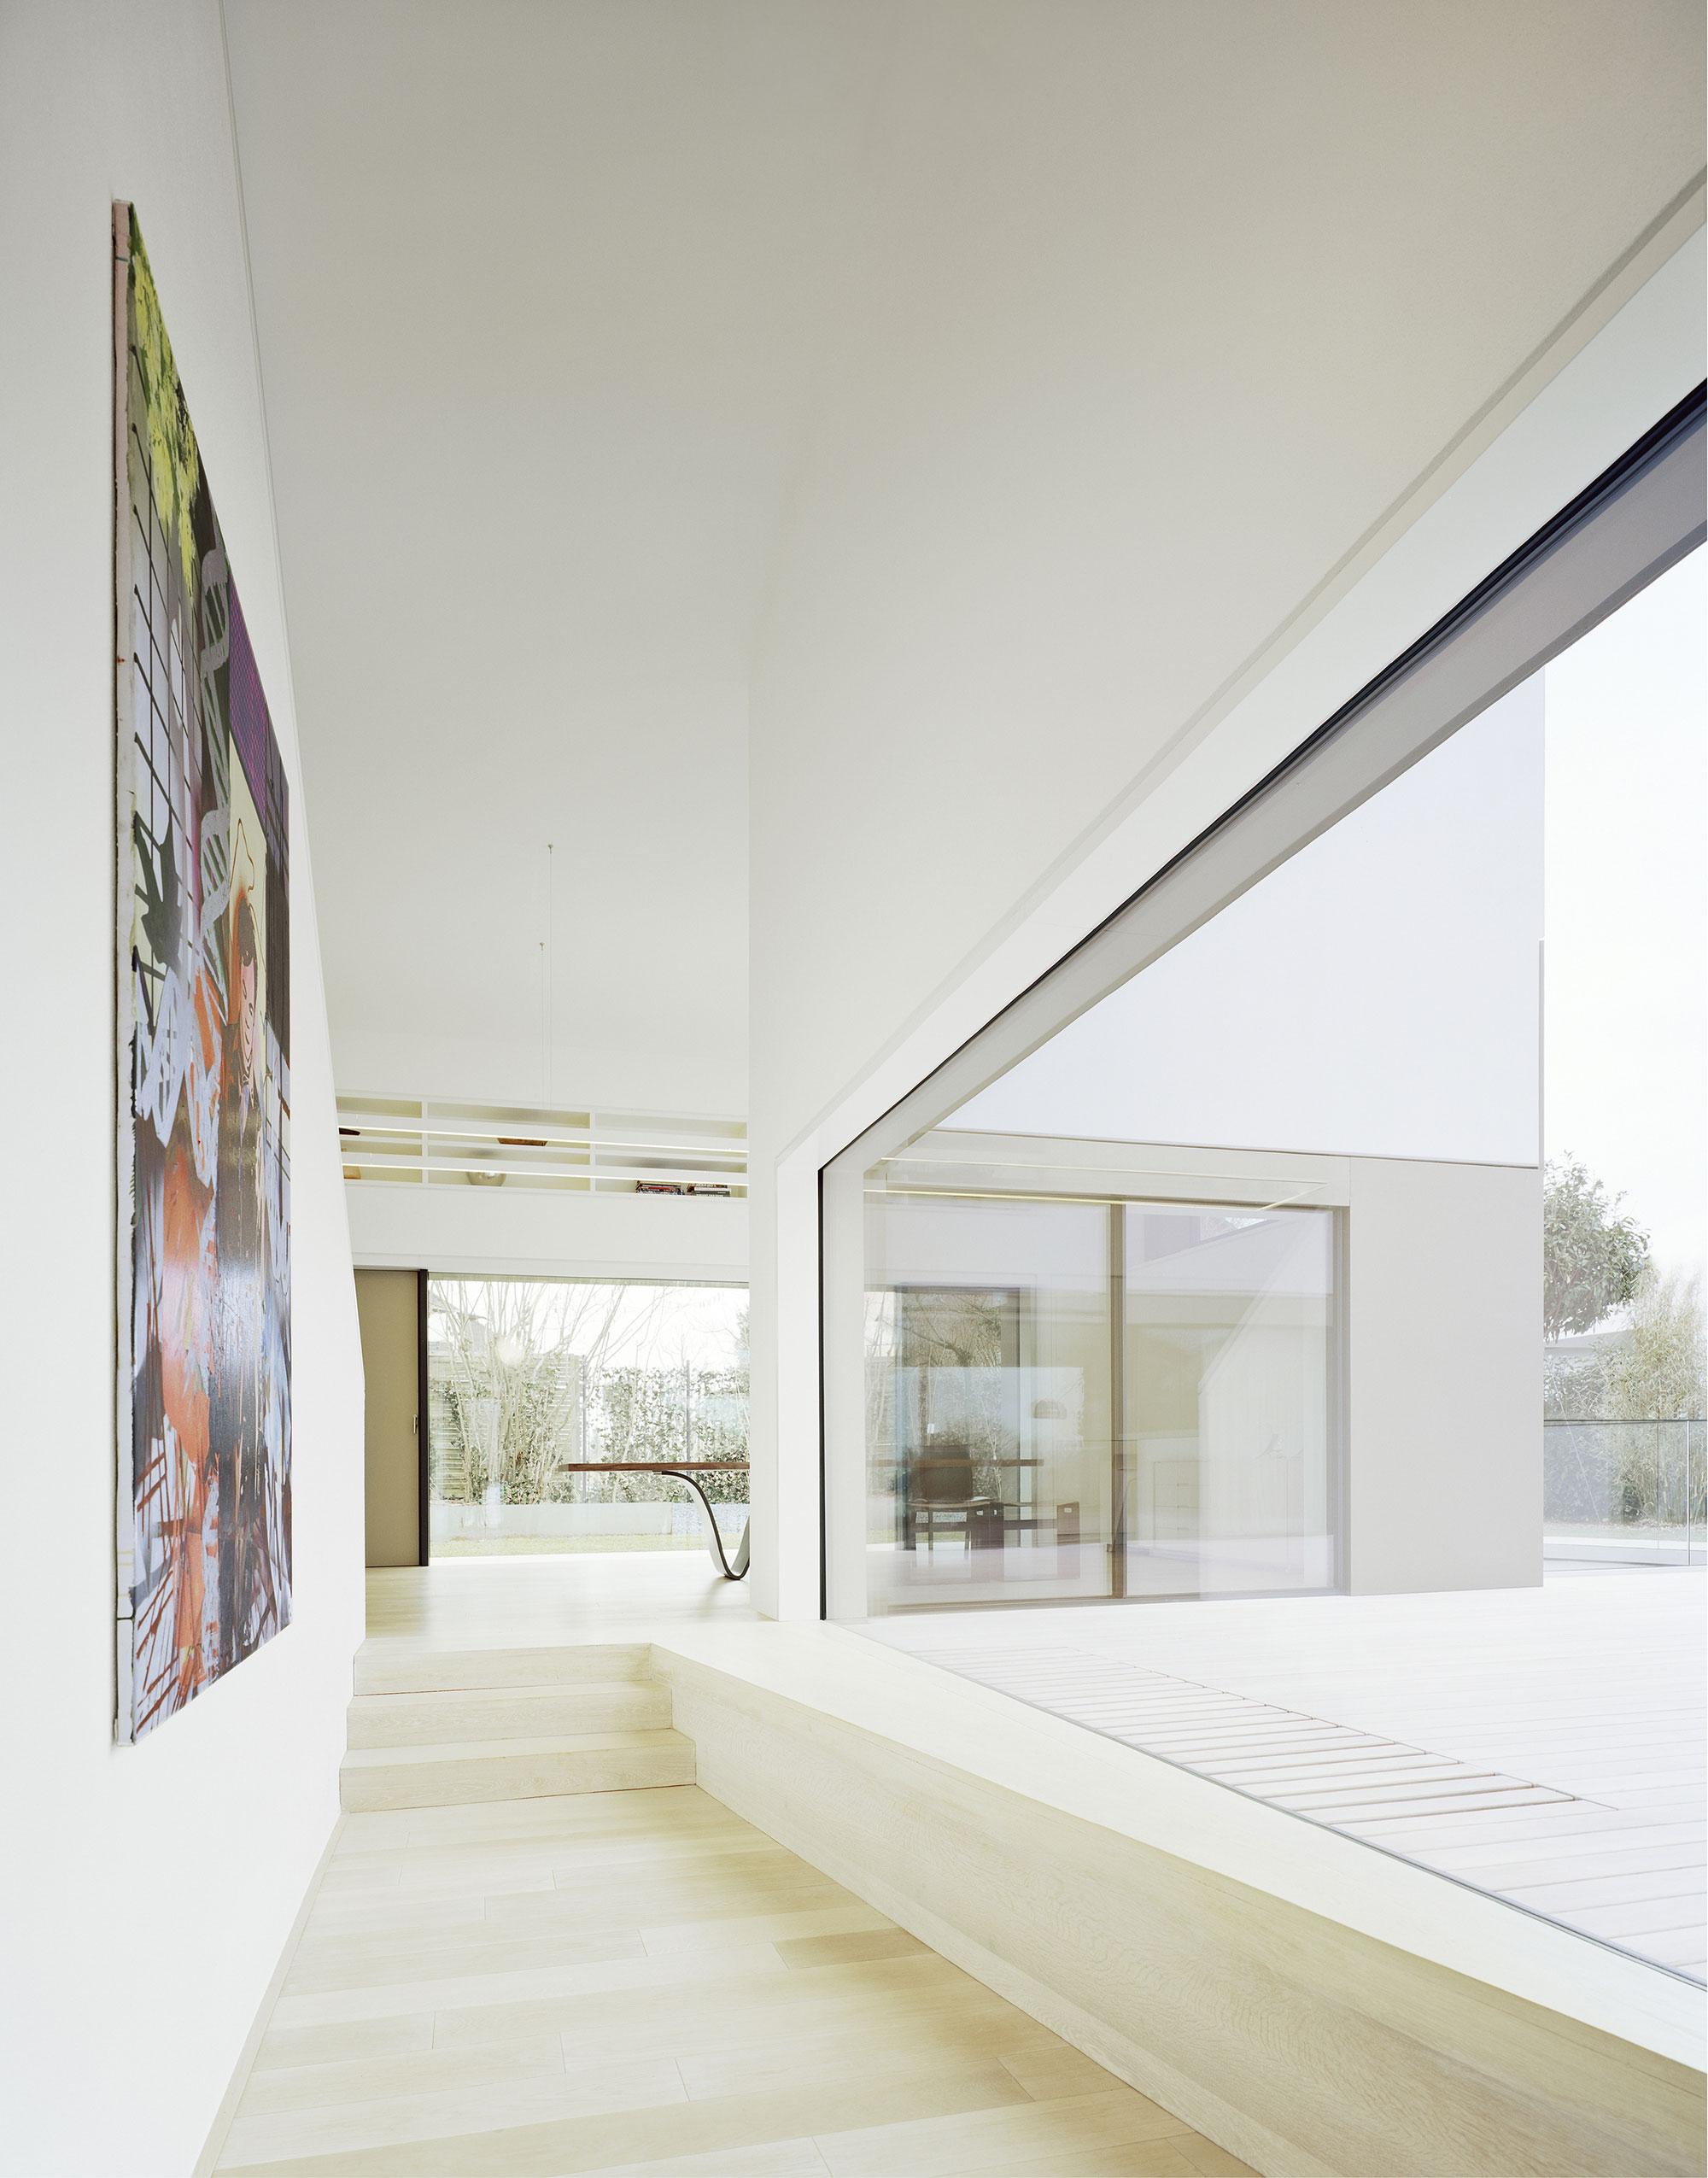 S3 City Home in Tübingen by Steimle Architekten-11